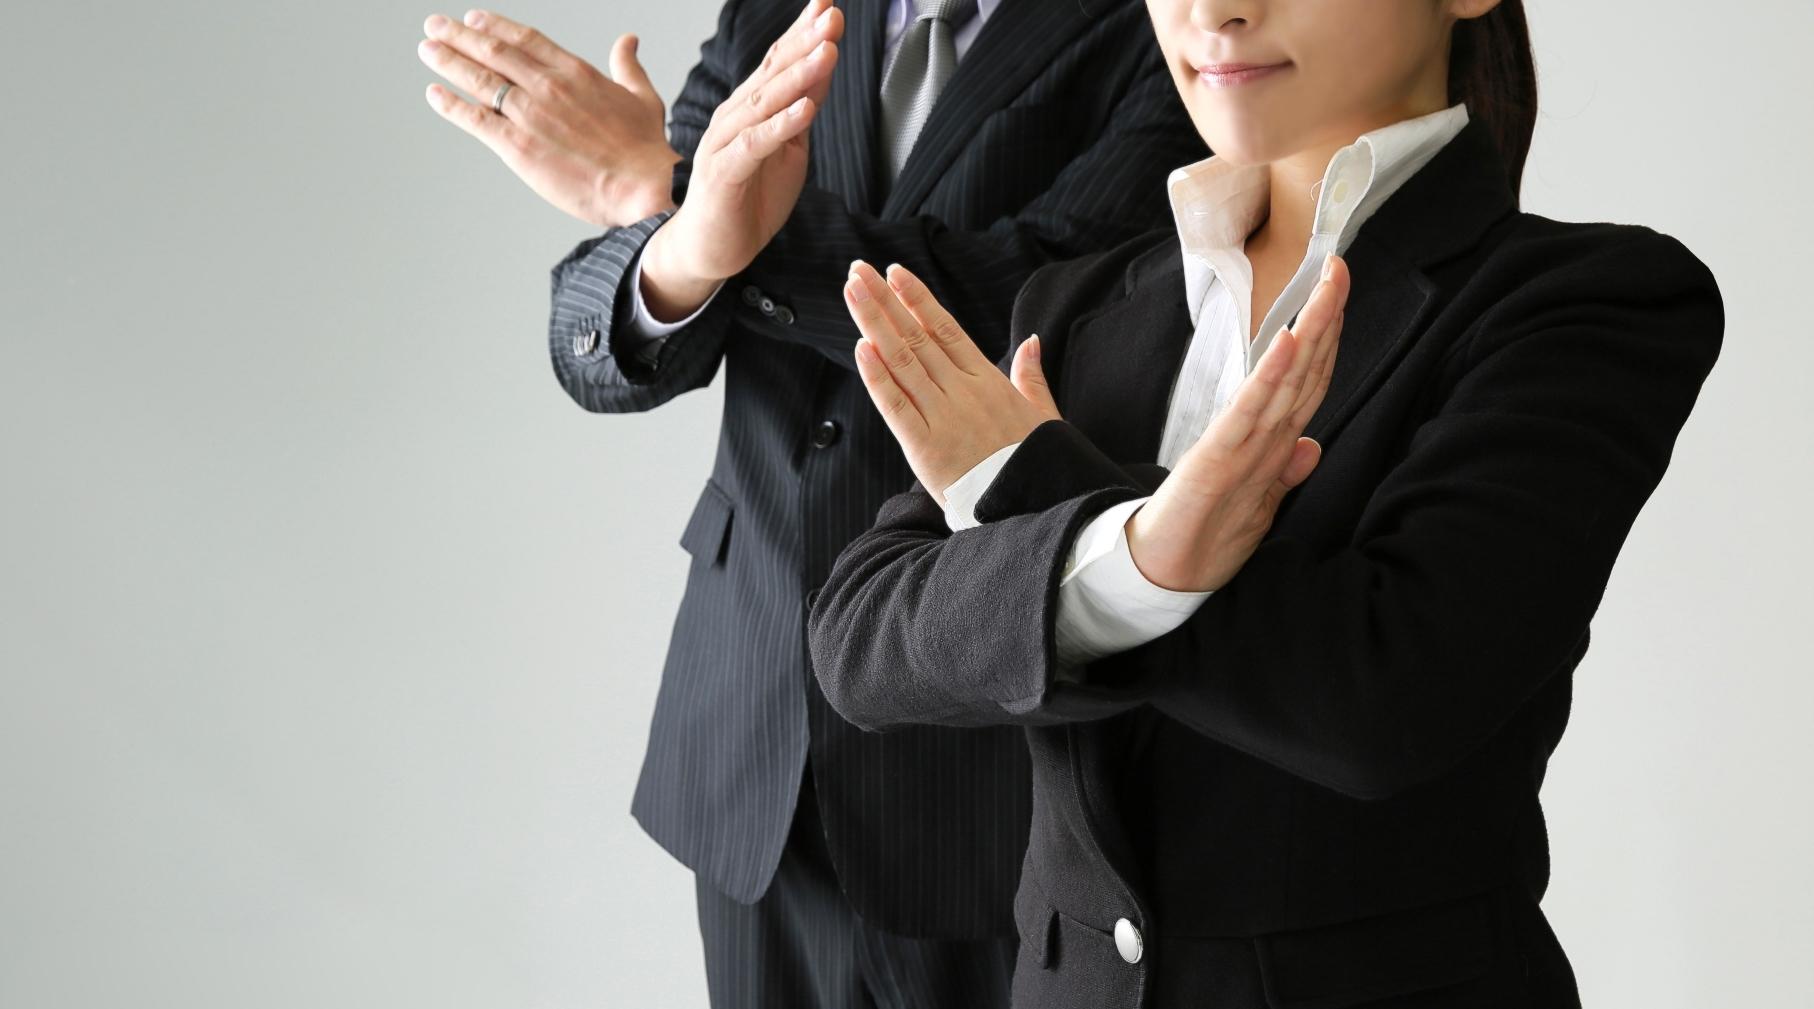 【退職阻止】退職が拒否されて認められない・受理されないケース